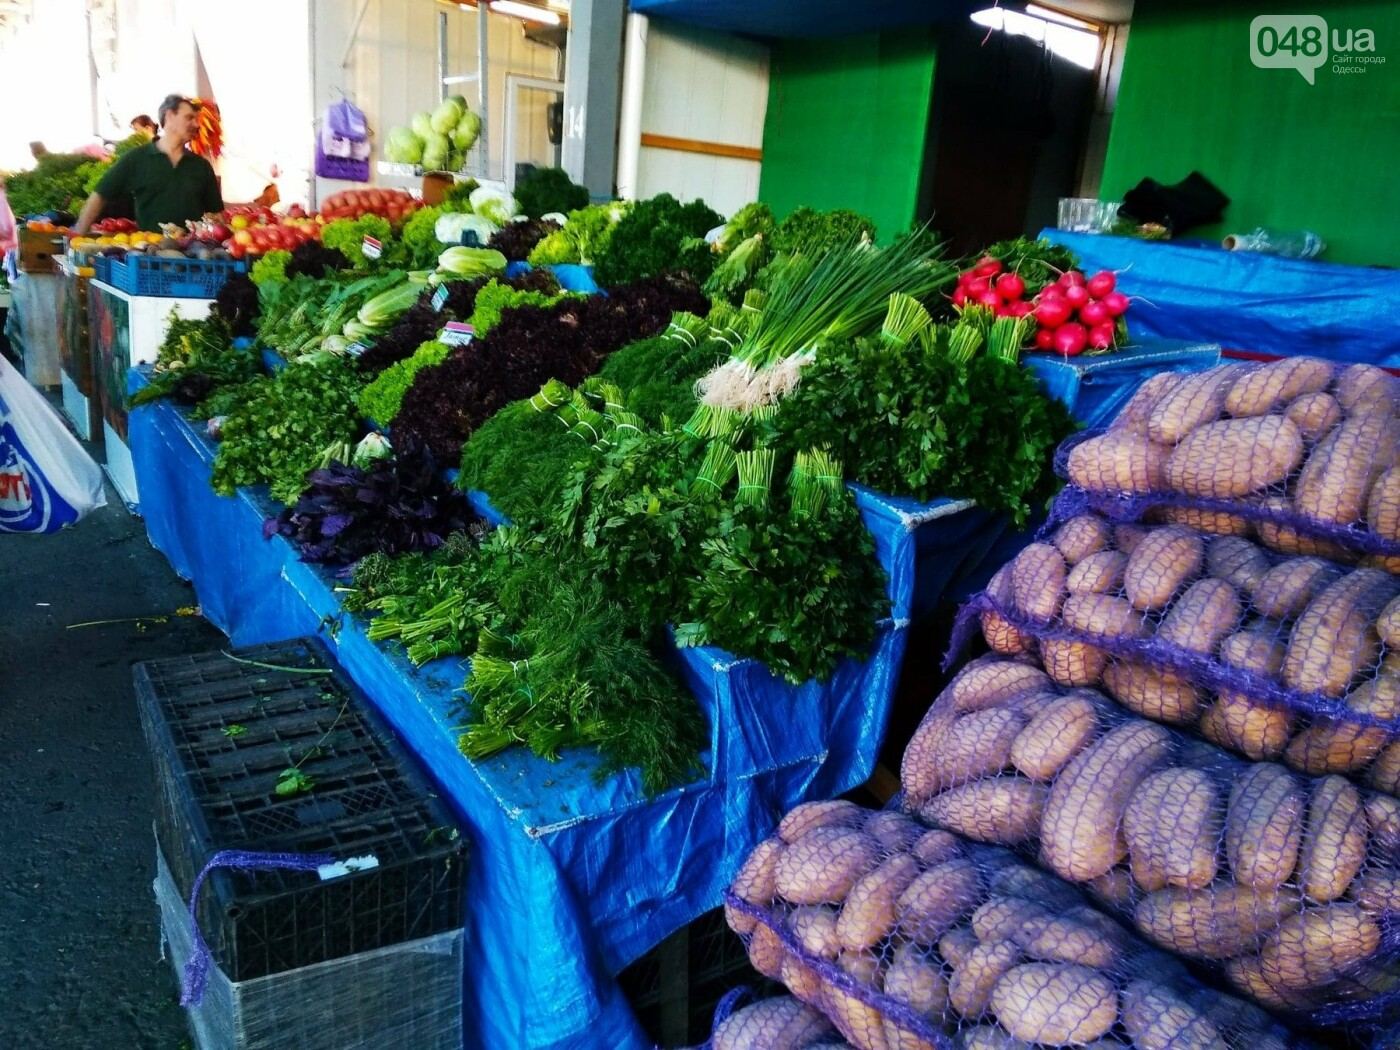 Ищем, где дешевле в Одессе: обзор цен на продукты на рынках Котовского, - ФОТО, ИНФОГРАФИКА, фото-8